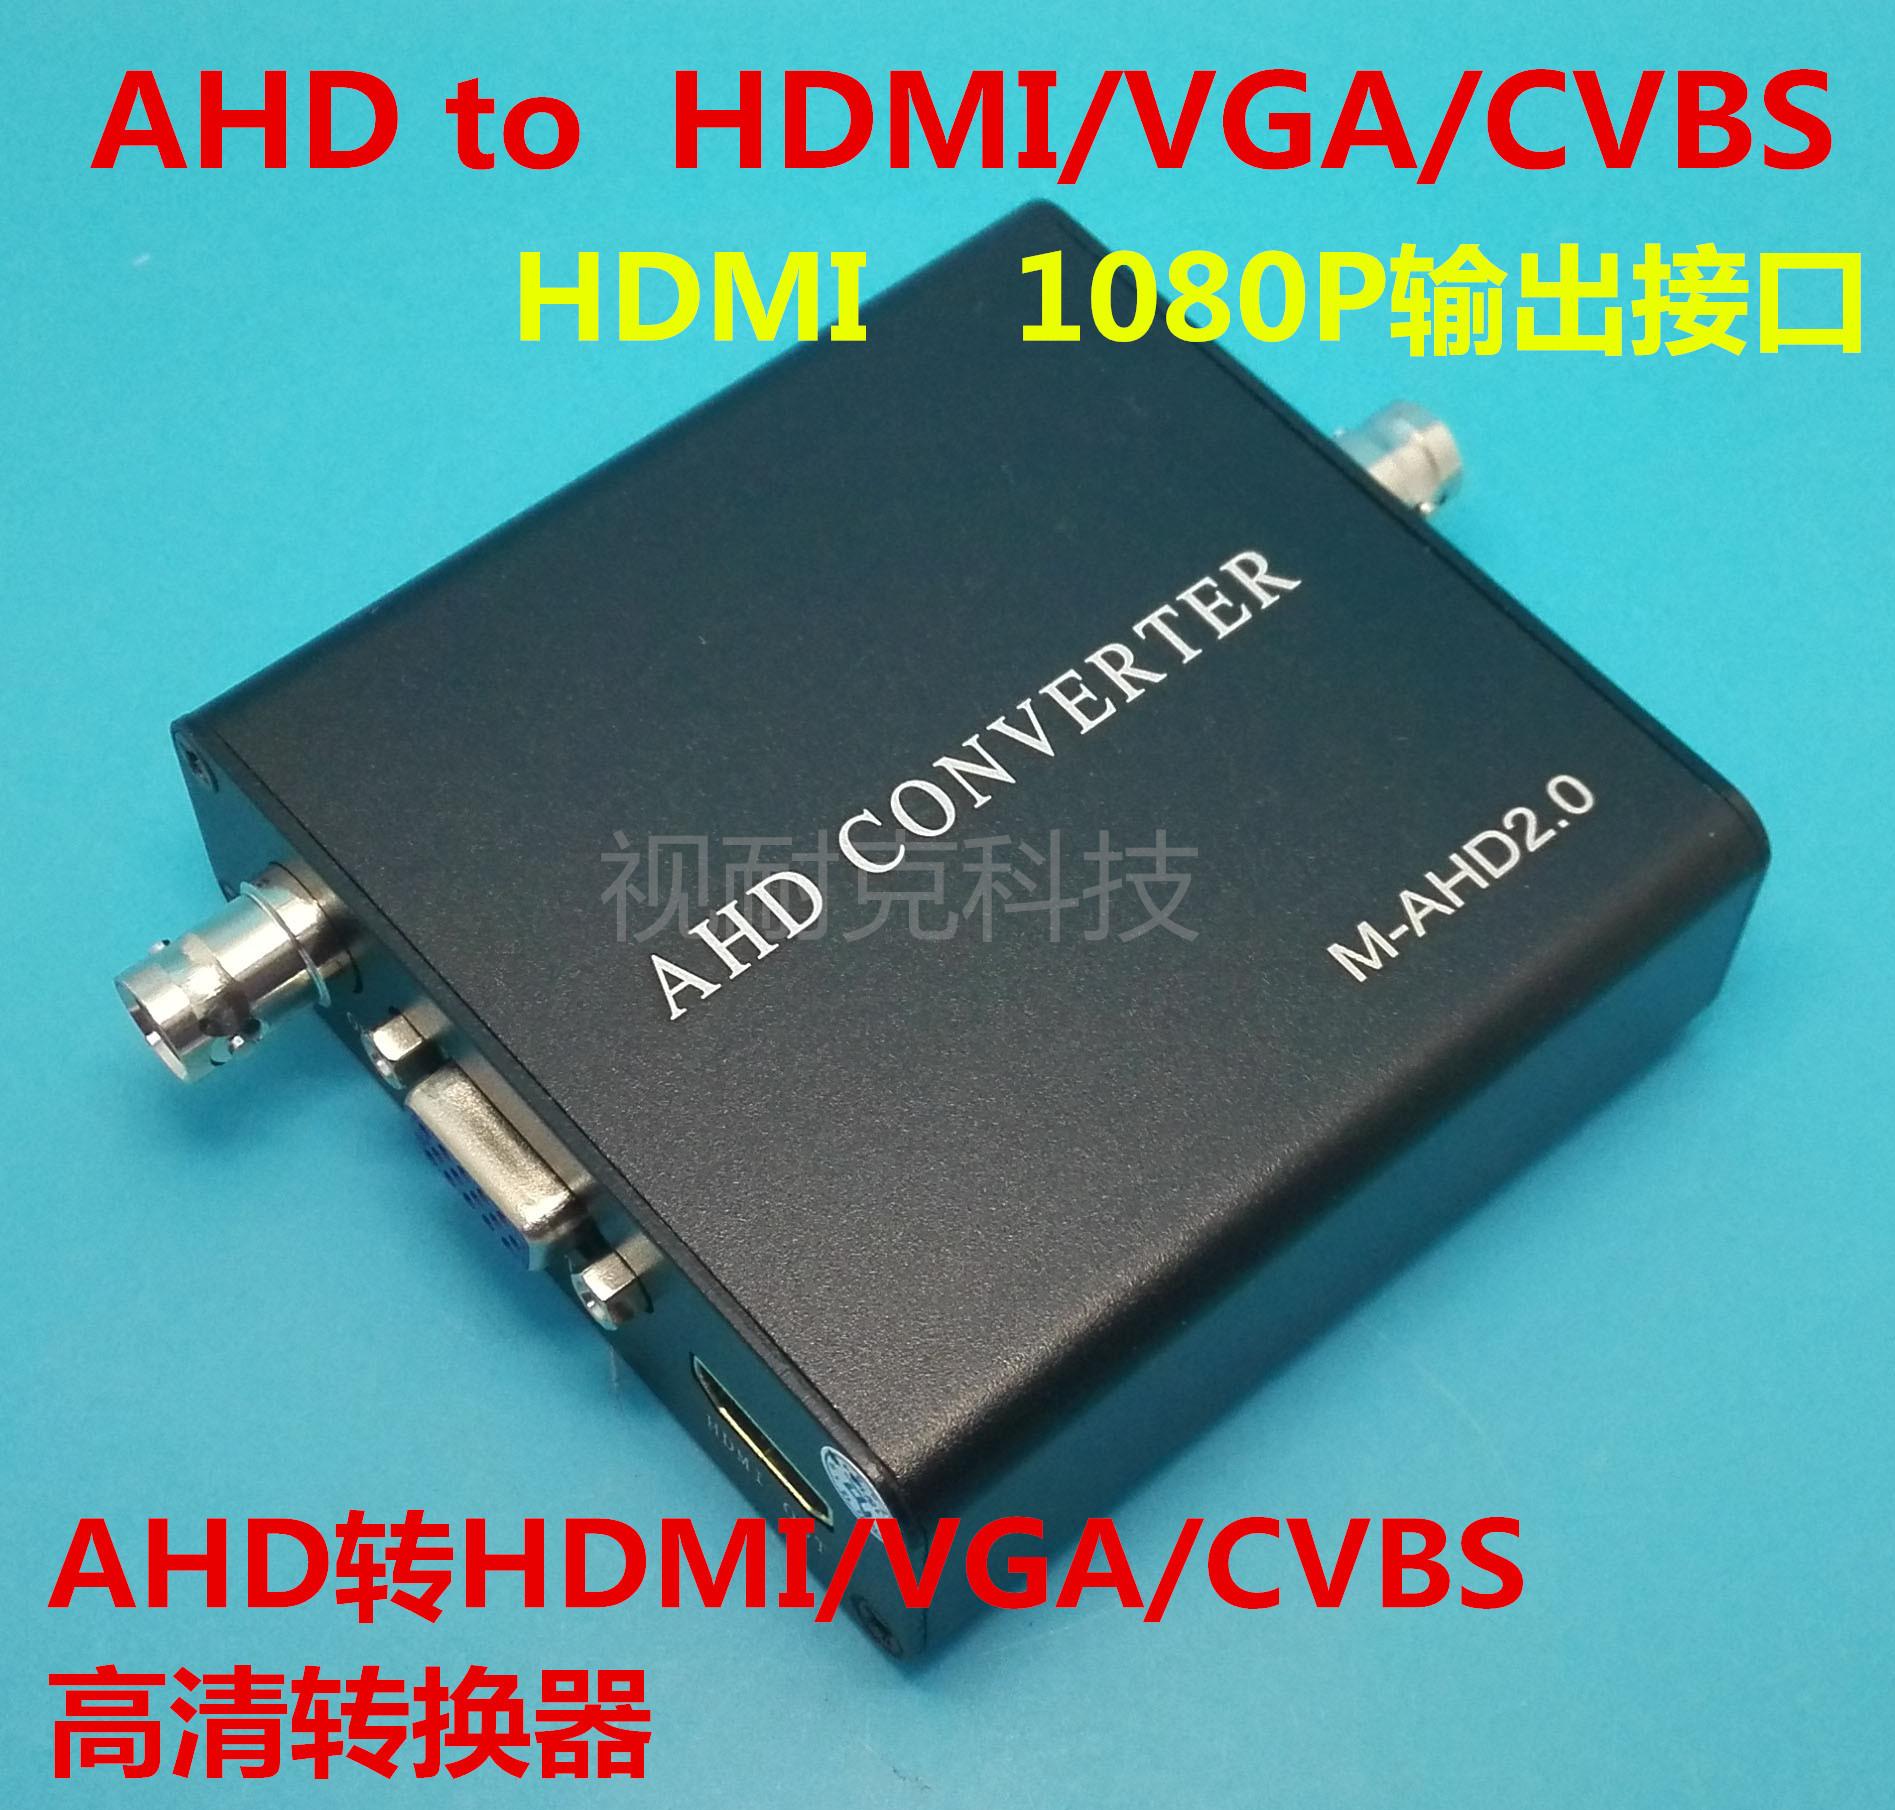 AHD поворот HDMI/VGA/CVBS hd конвертер 1080P стандарт источник питания прекрасные правила